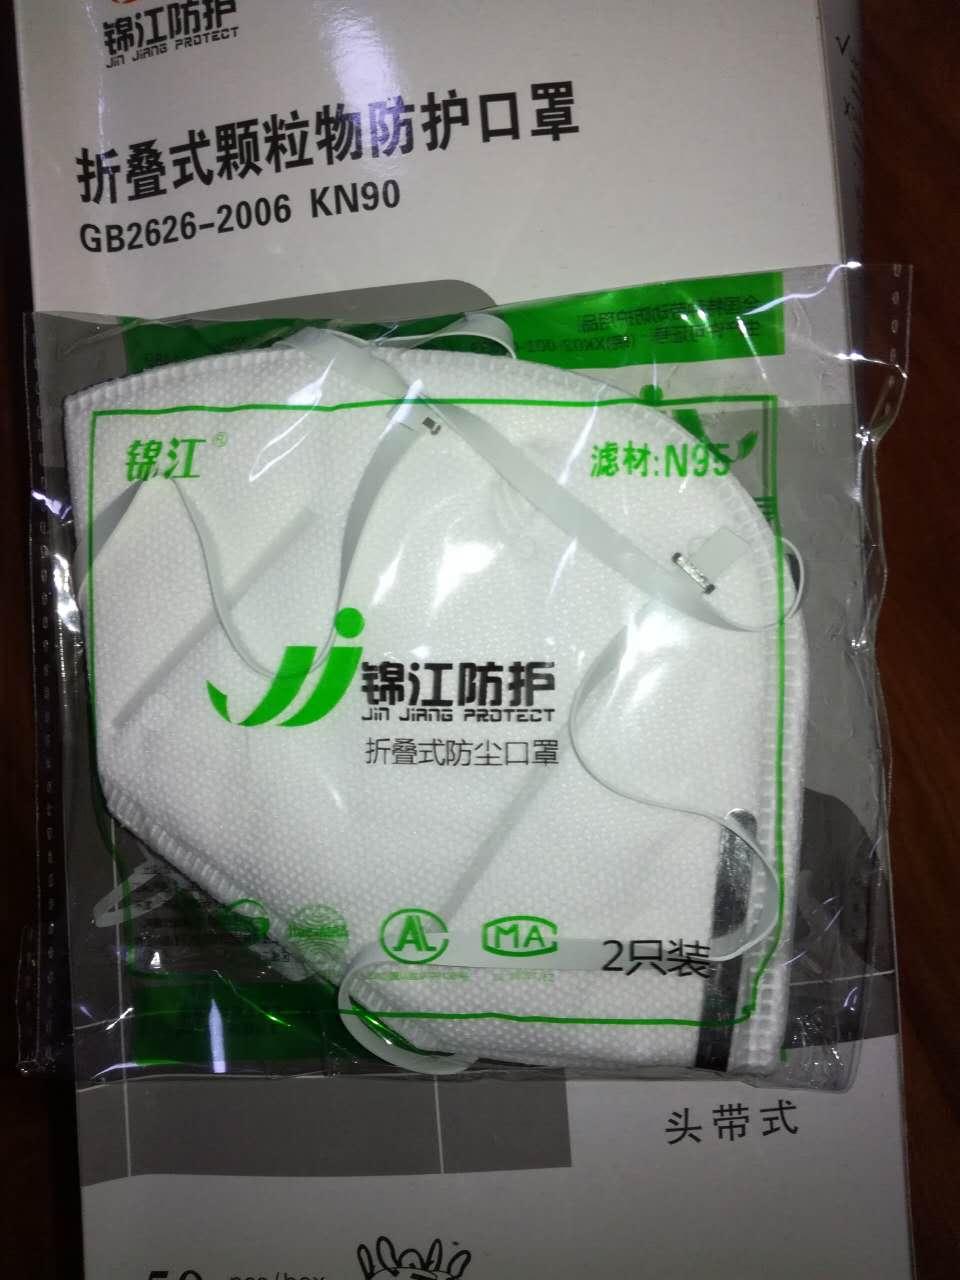 Jinjiang бренд одноразовый рот накладка Ушной ремень типа 8001 9001 головной уст накладка 8002 9002 32 юаней 50